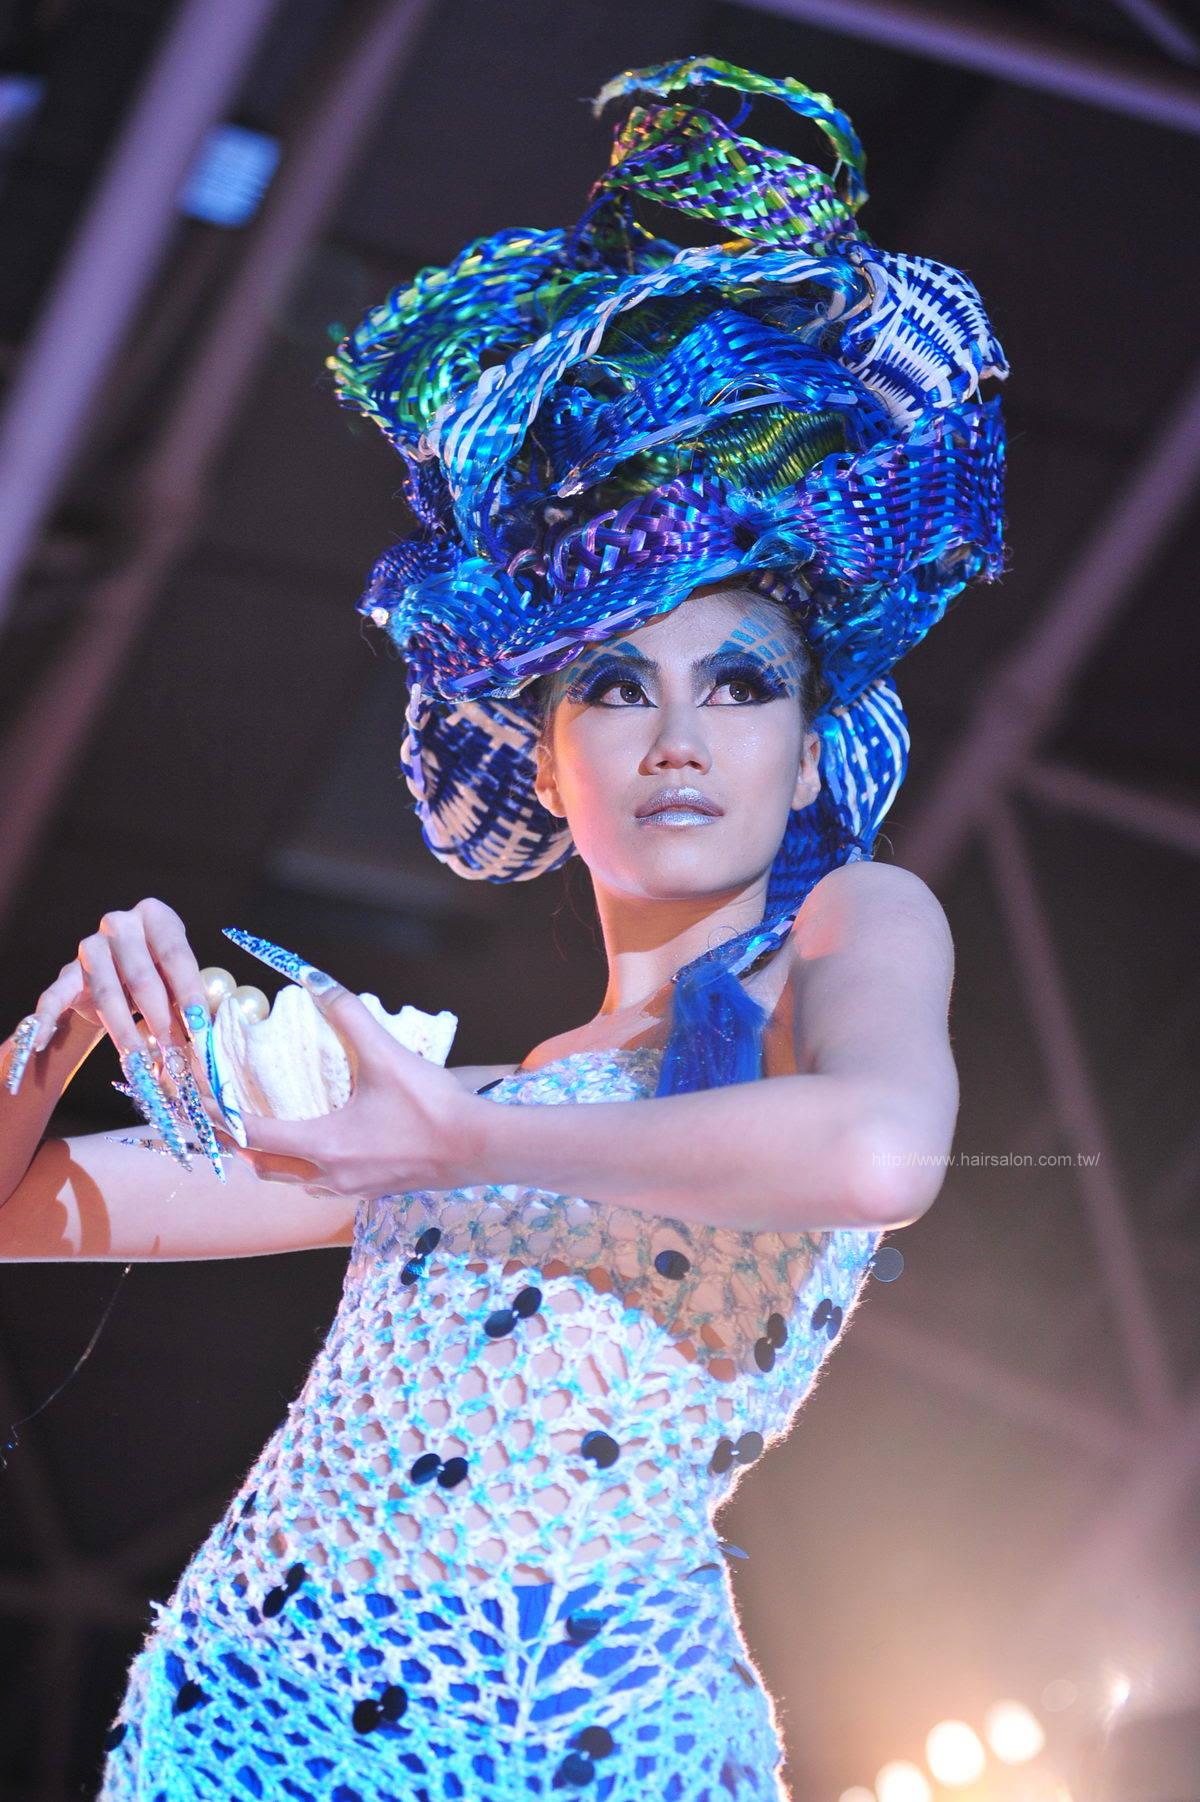 2013年快乐发型年度颁奖典礼暨36发艺竞赛-创作组 海洋嬉游